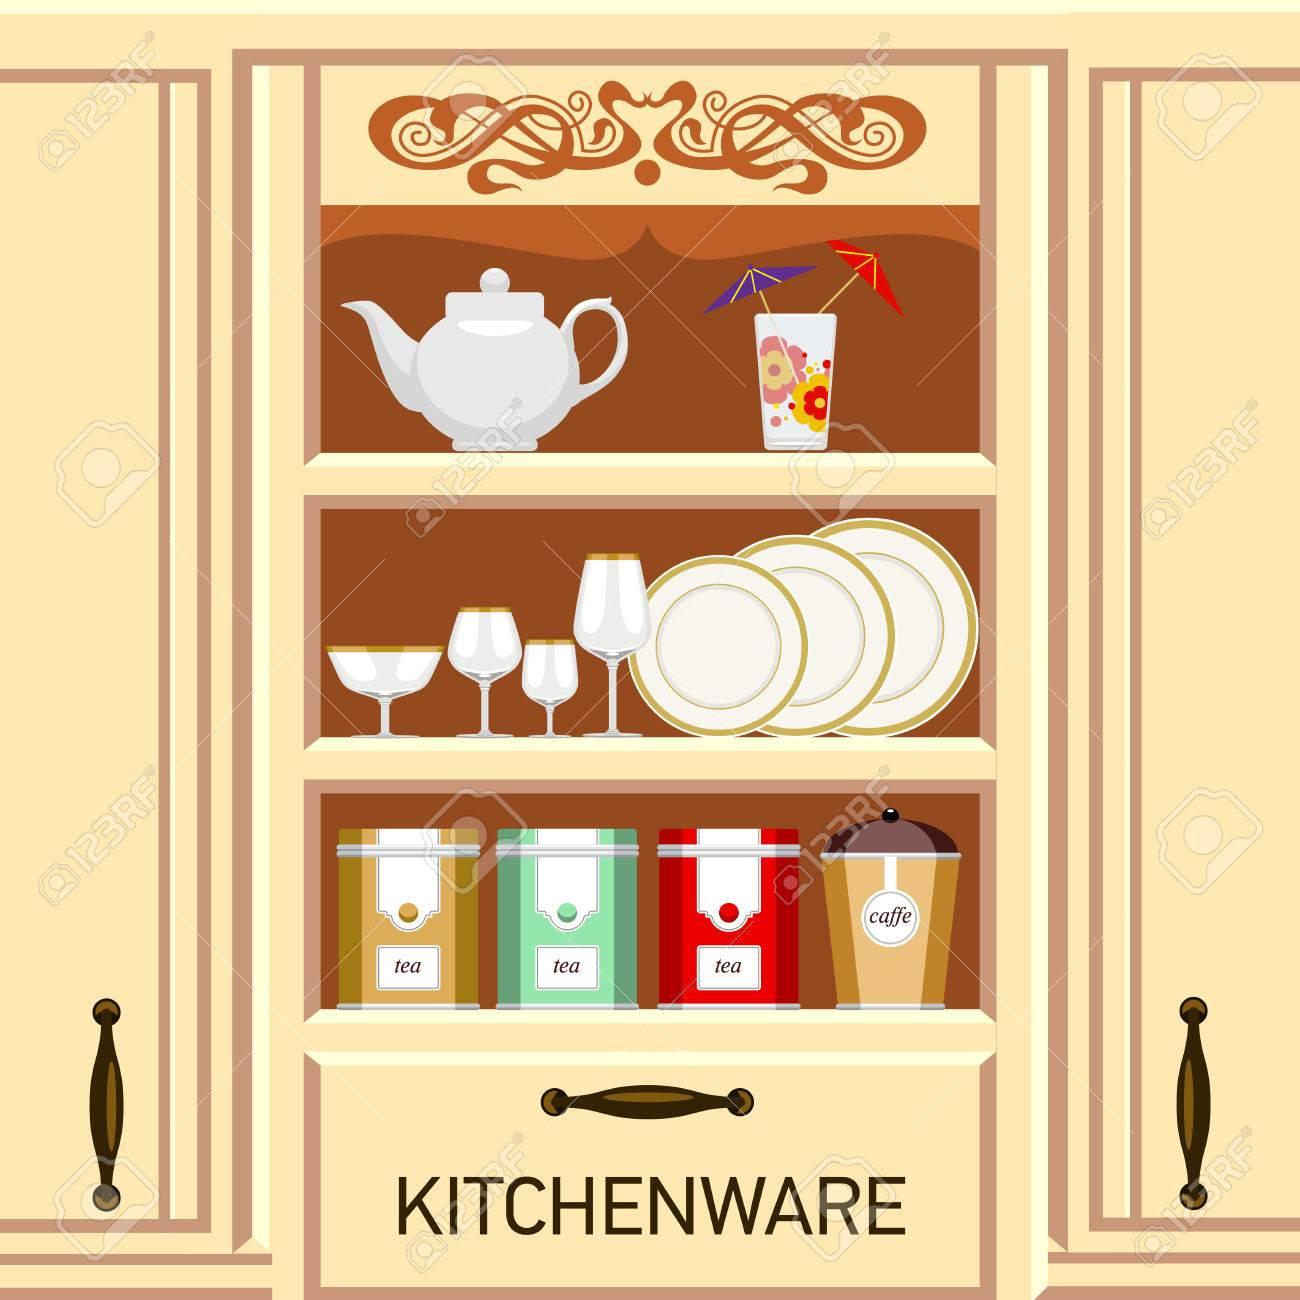 Kuchenregal Schrank Mit Geschirr Metalldosen Von Tee Und Kaffee Lizenzfrei Nutzbare Vektorgrafiken Clip Arts Illustrationen Image 43321828